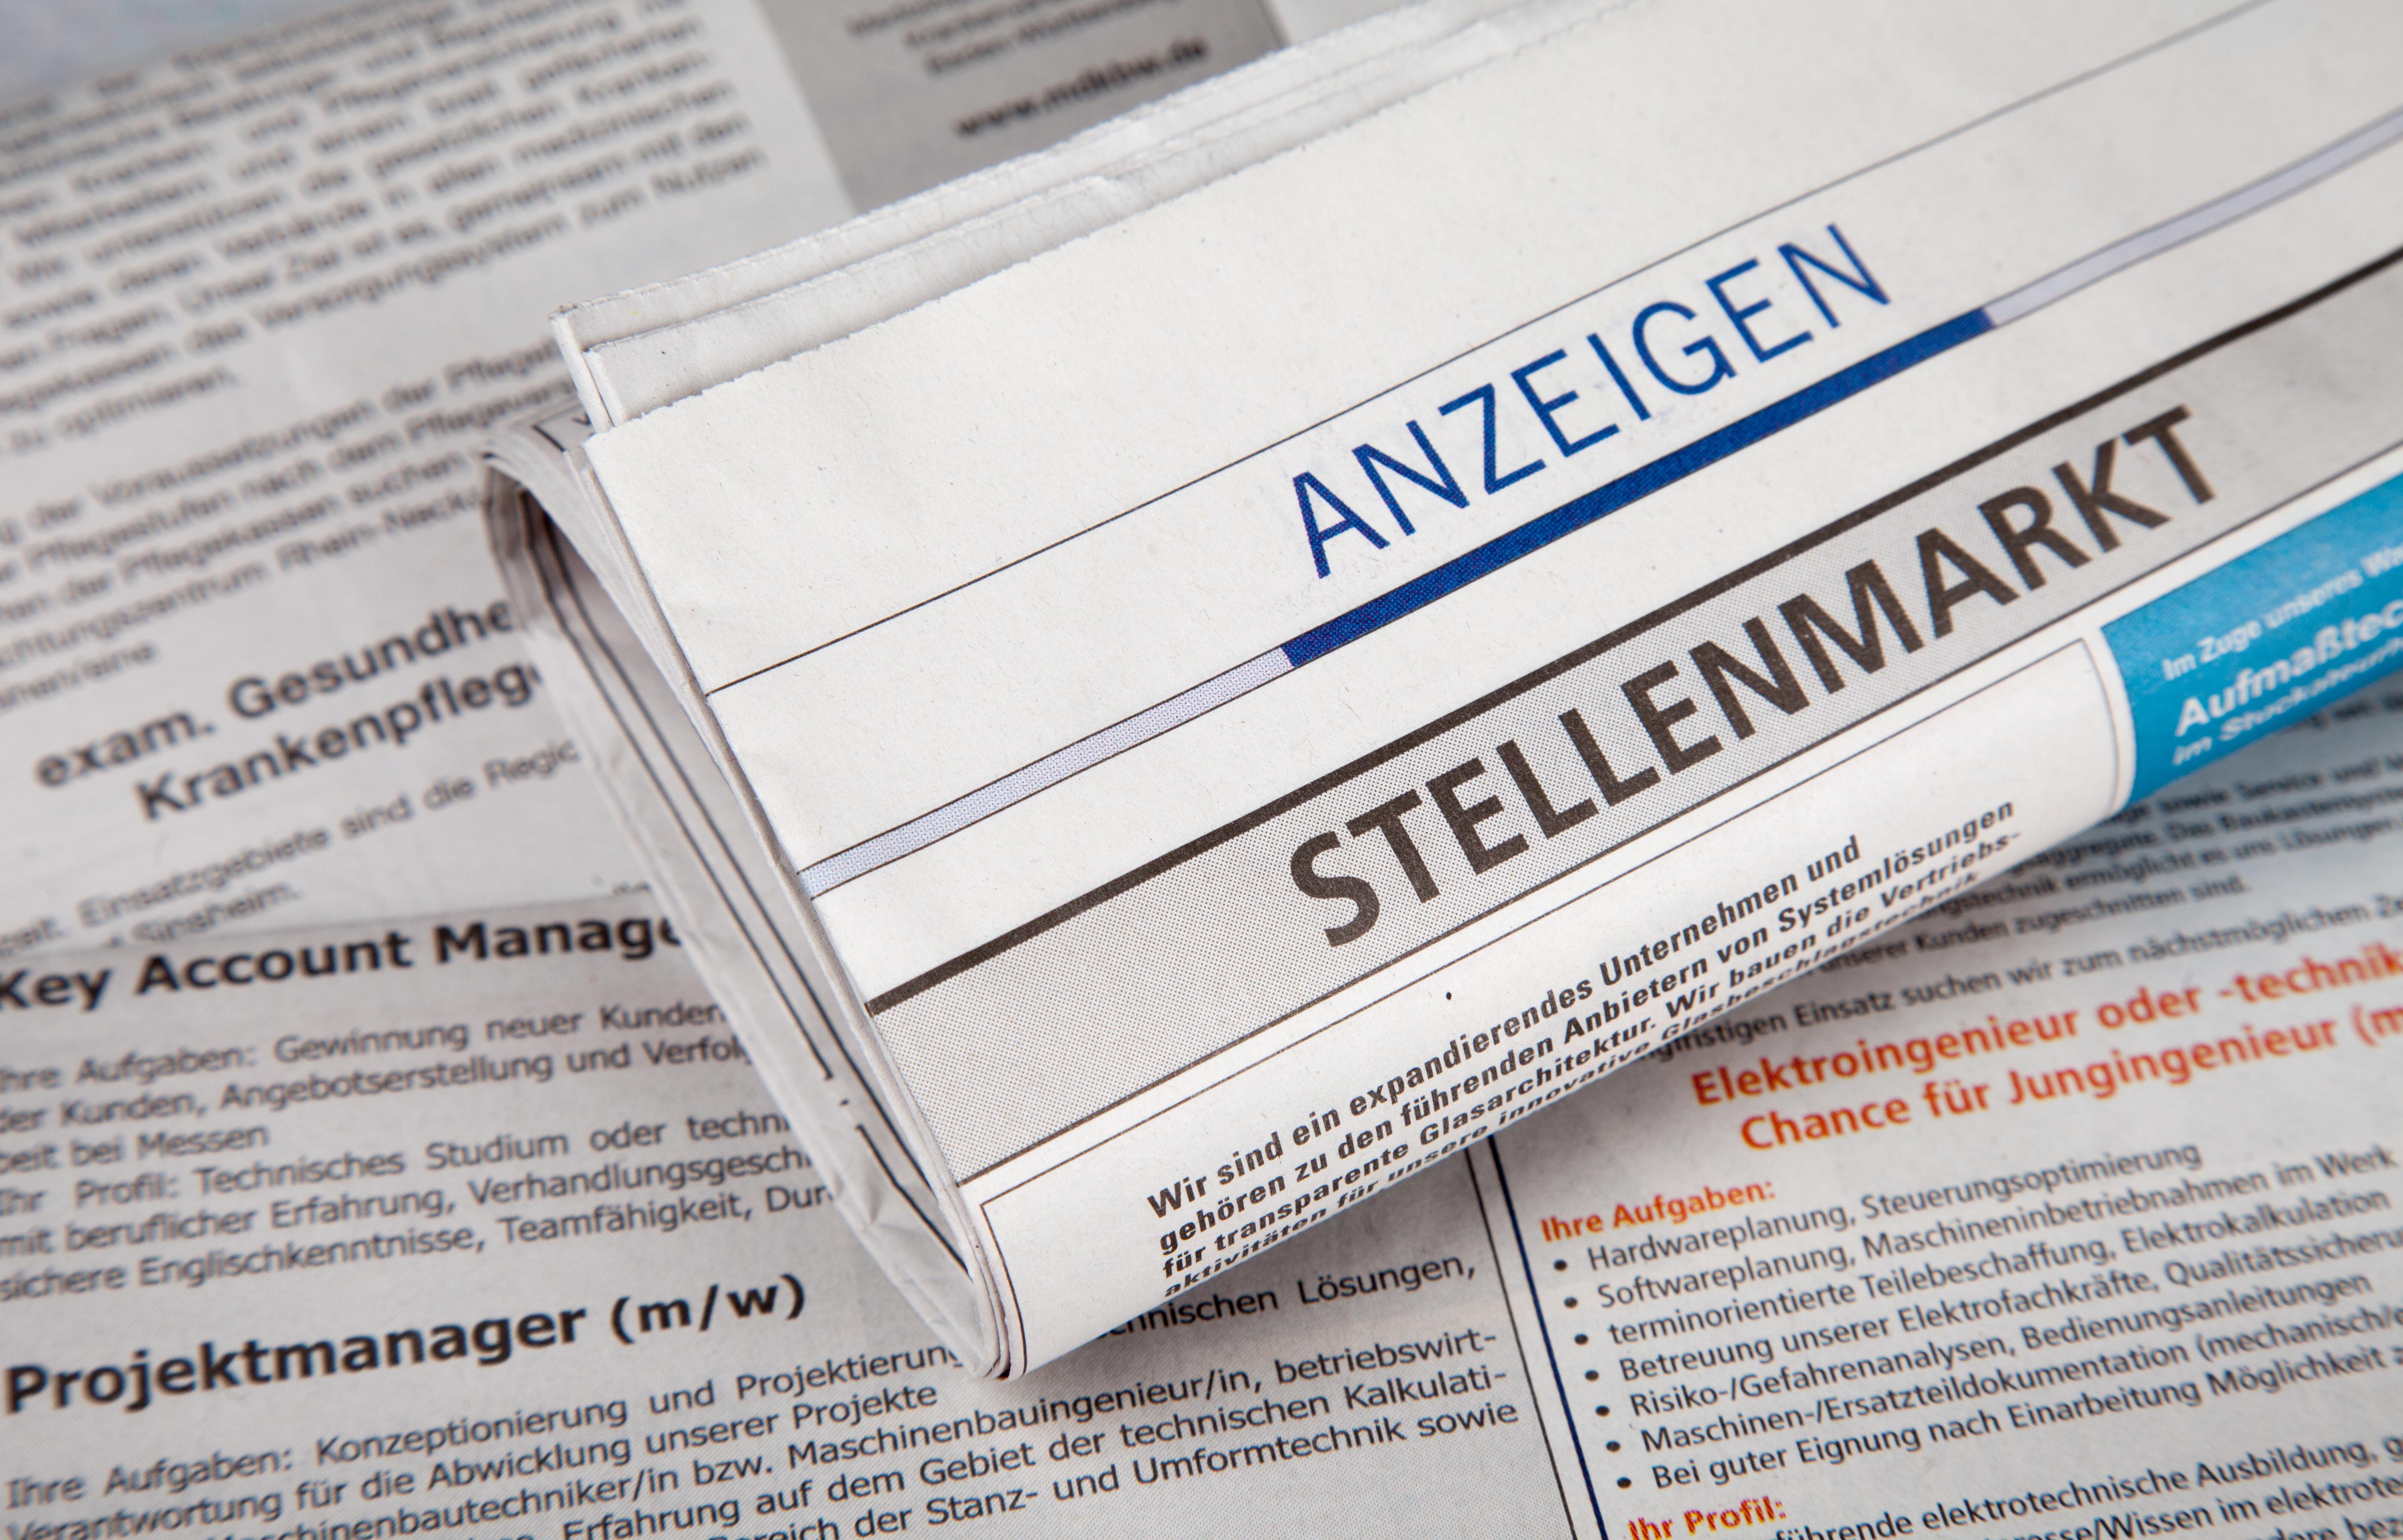 t3n JOBS: WDR, STRATO, Maxcluster, SIXT und viele andere suchen Mitarbeiter!